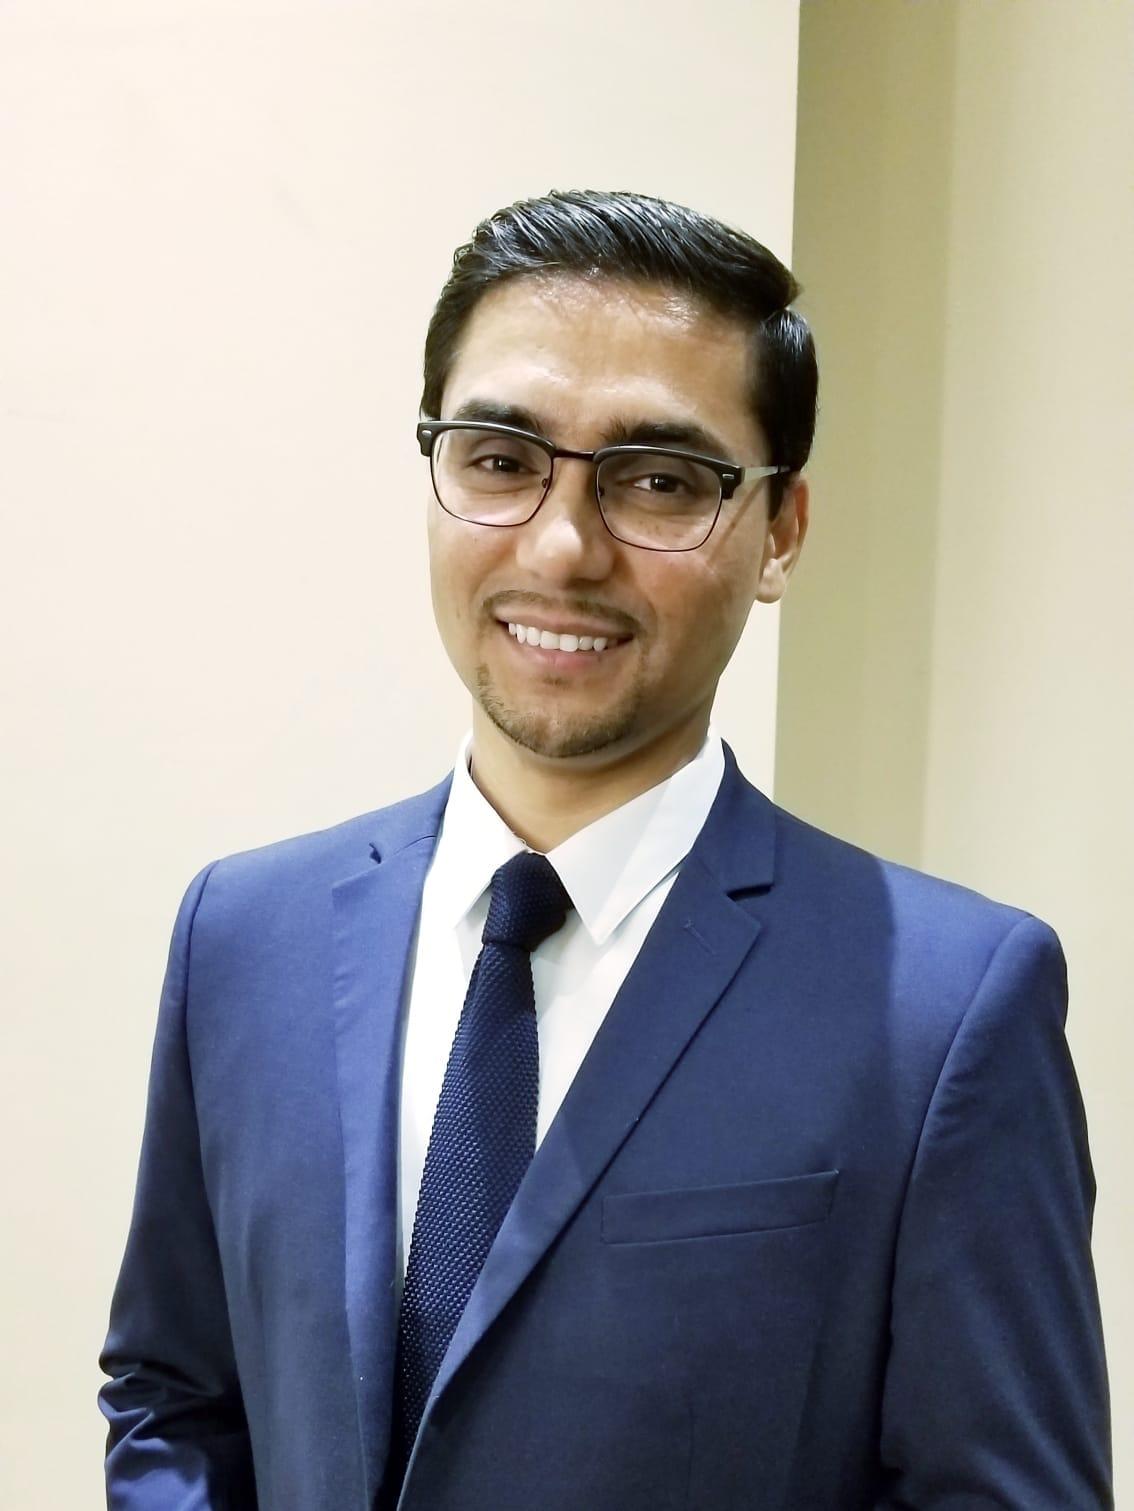 Robin M. Bhuiyan